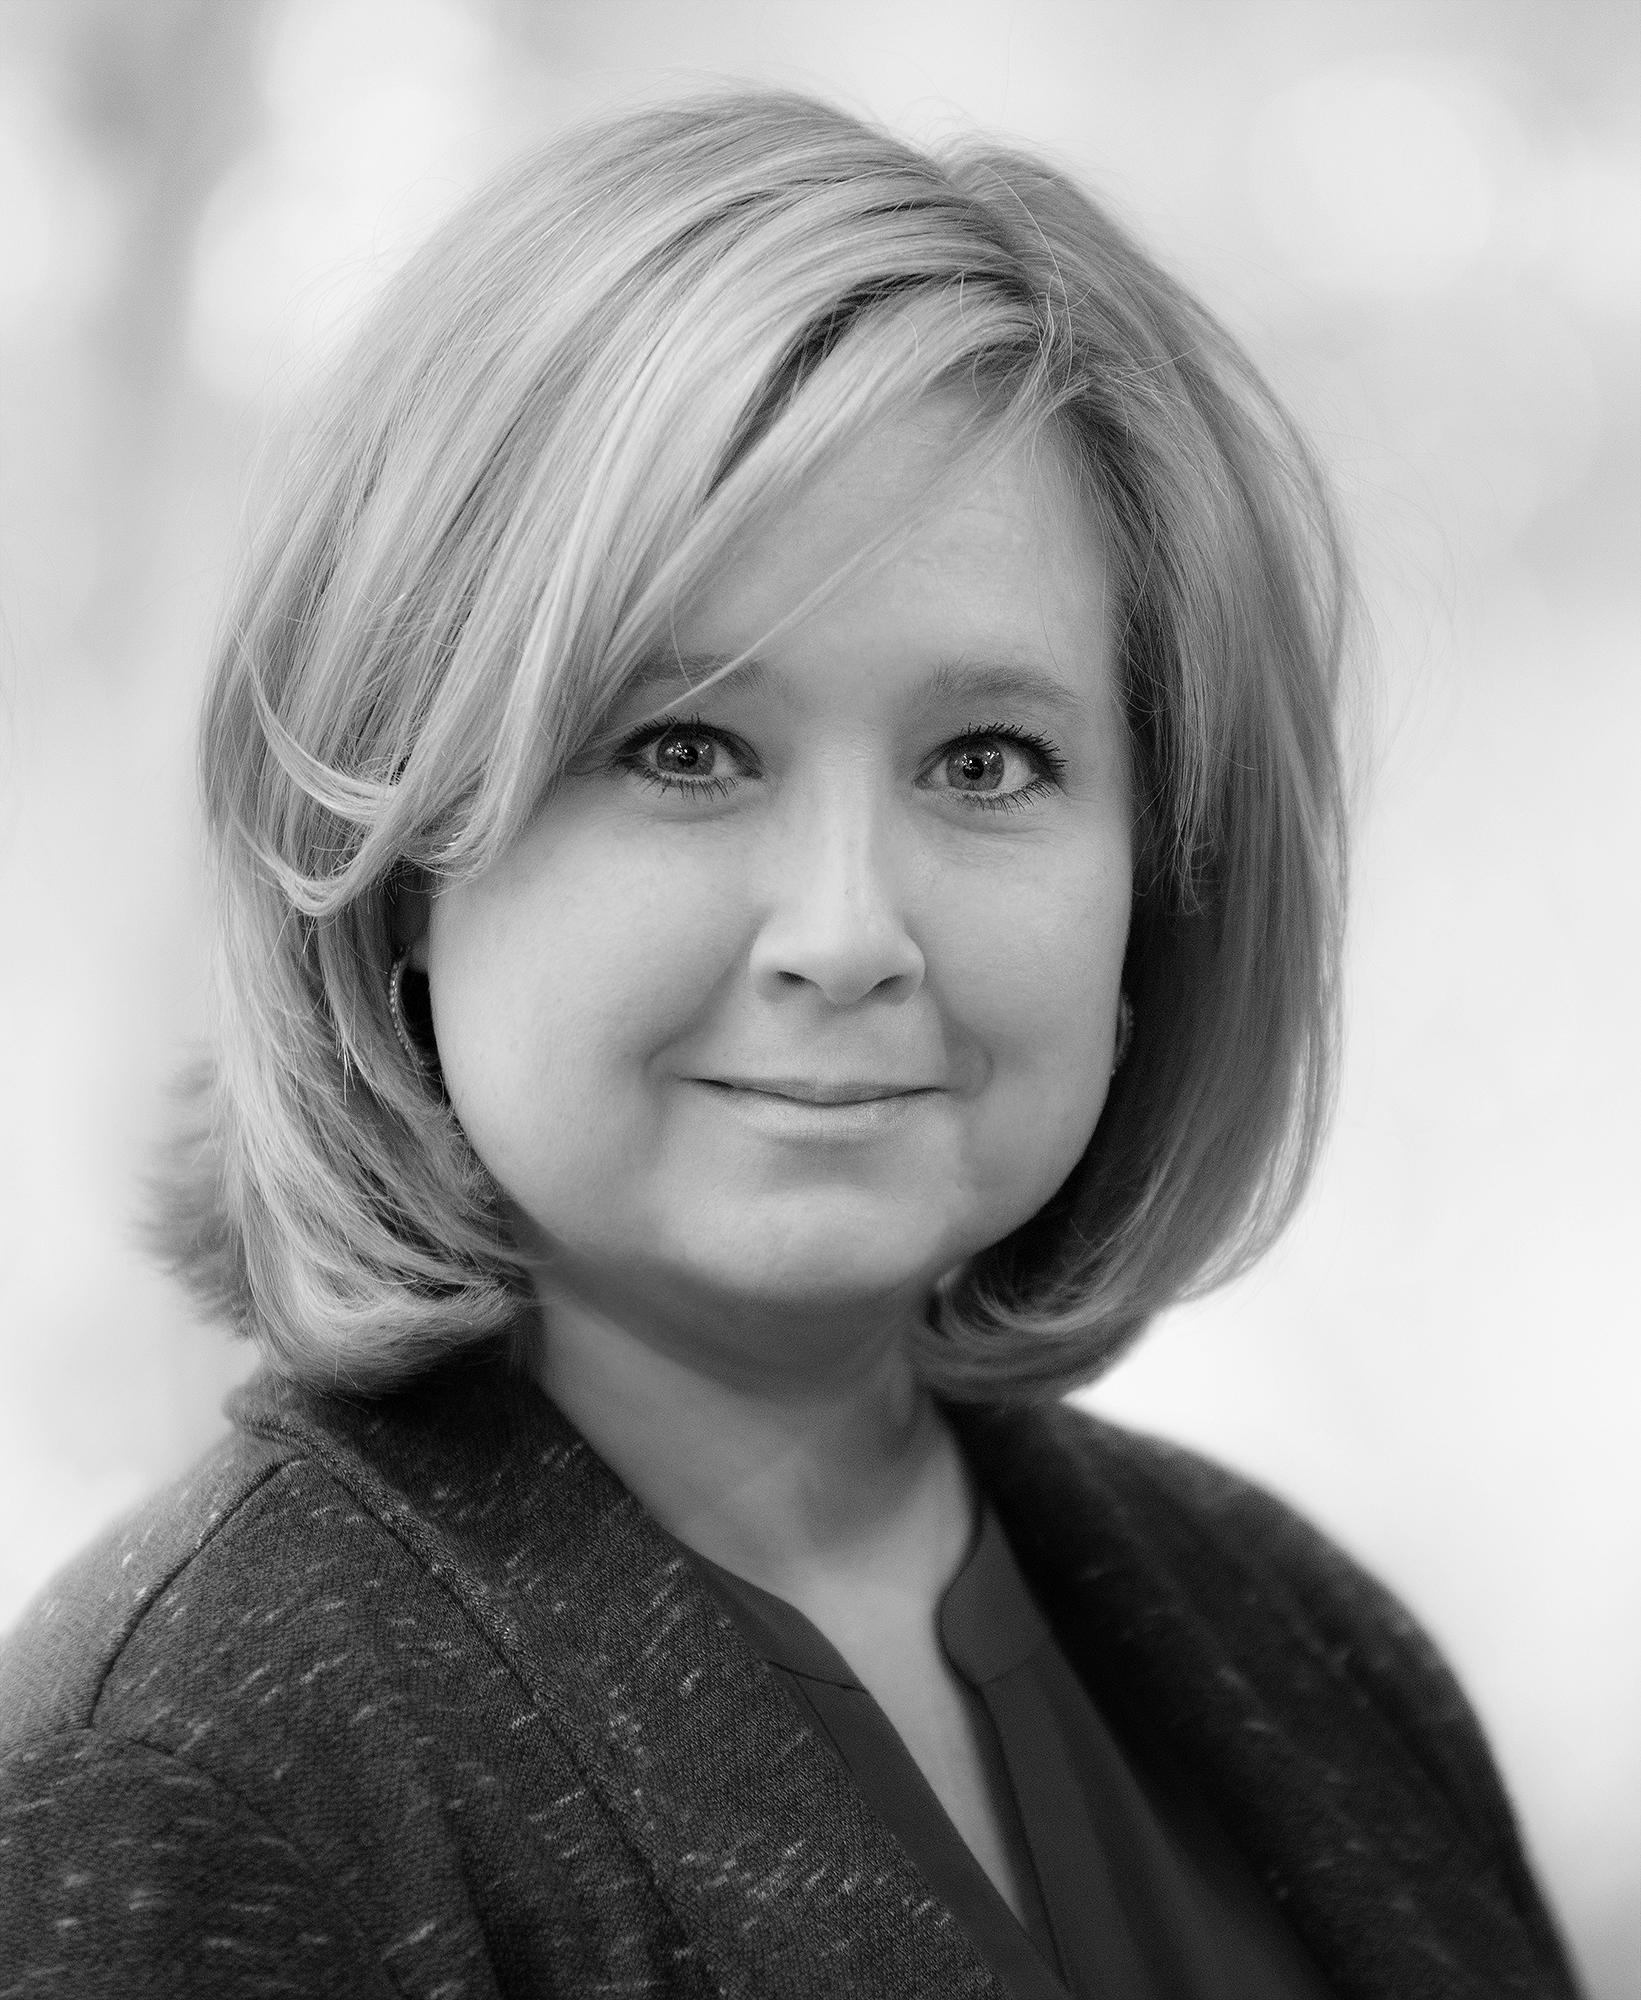 Laura Burback